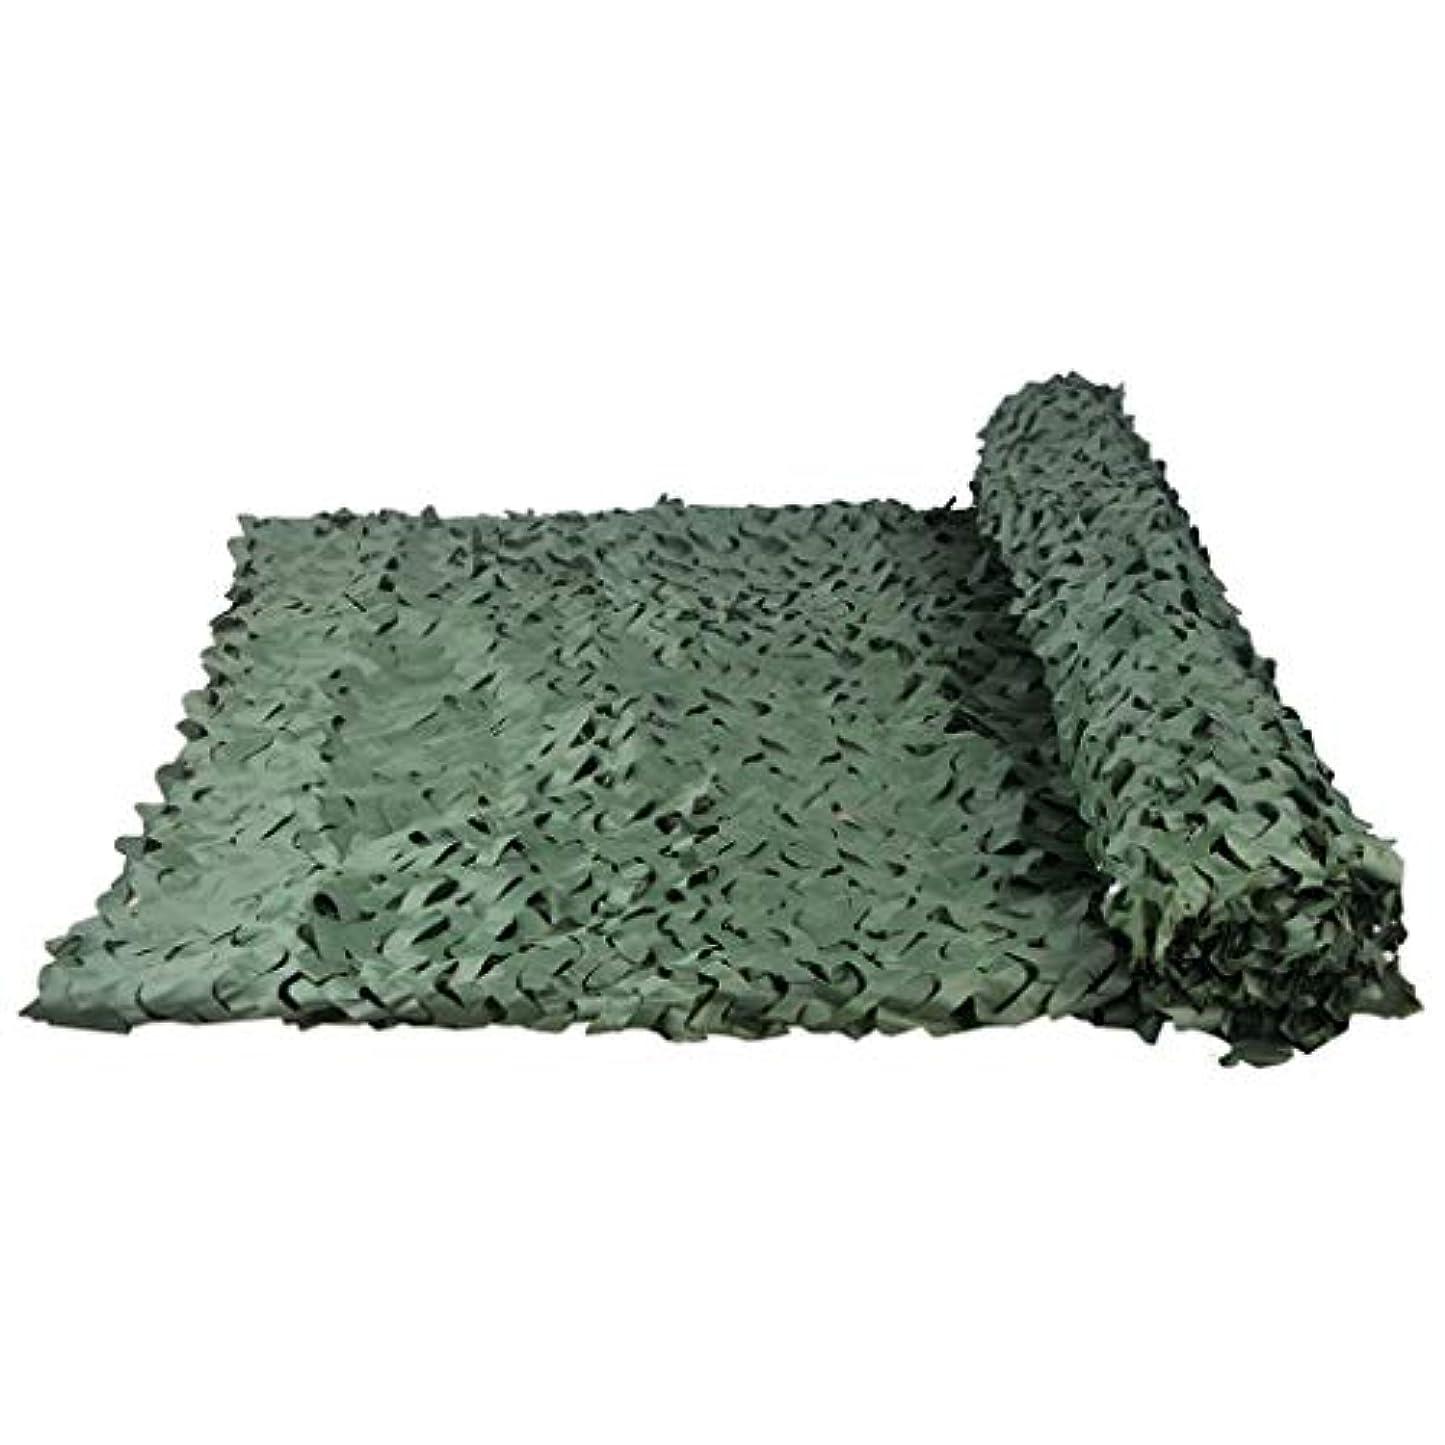 ステップチャーム体系的にフィールドモードカモフラージュネット屋外キャンプテント単層写真鳥瞰インテリア装飾マルチサイズオプション(サイズ:1.5 * 2メートル) (サイズ さいず : 1.5*5m)